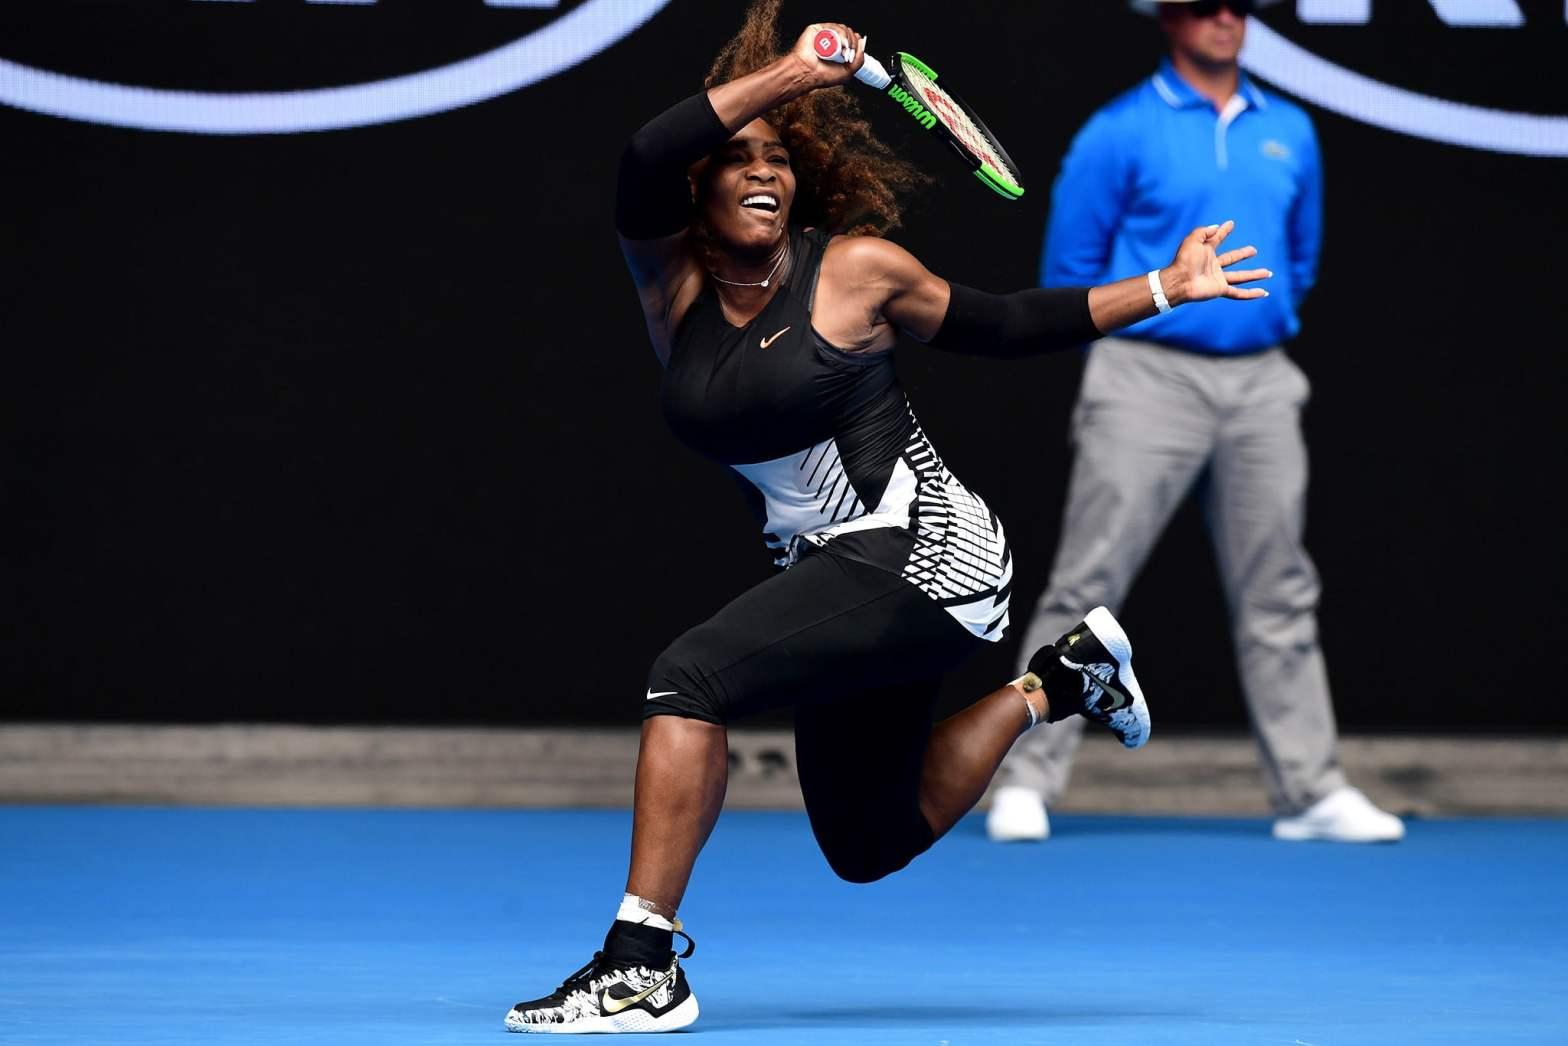 Abierto de Australia: Serena Williams venció a Strycova y sigue soñando con el título